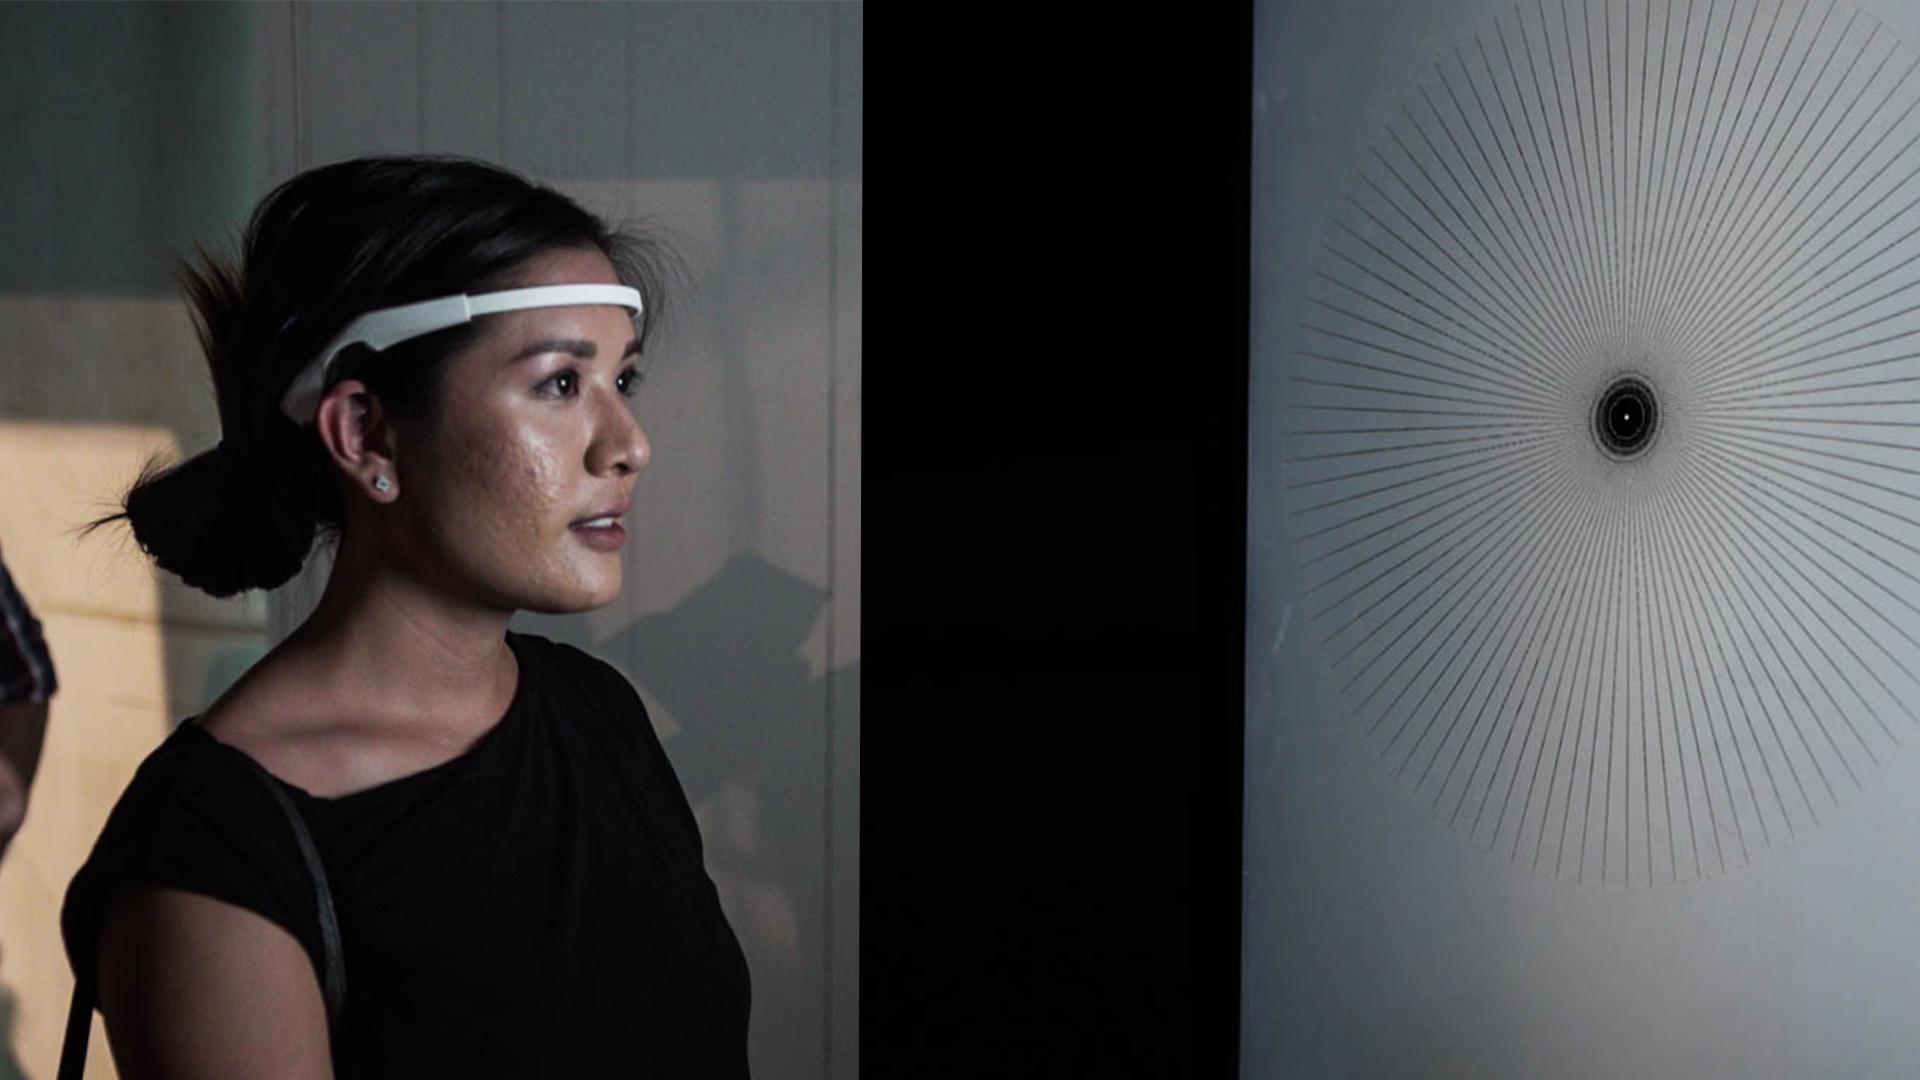 User wearing EEG headset